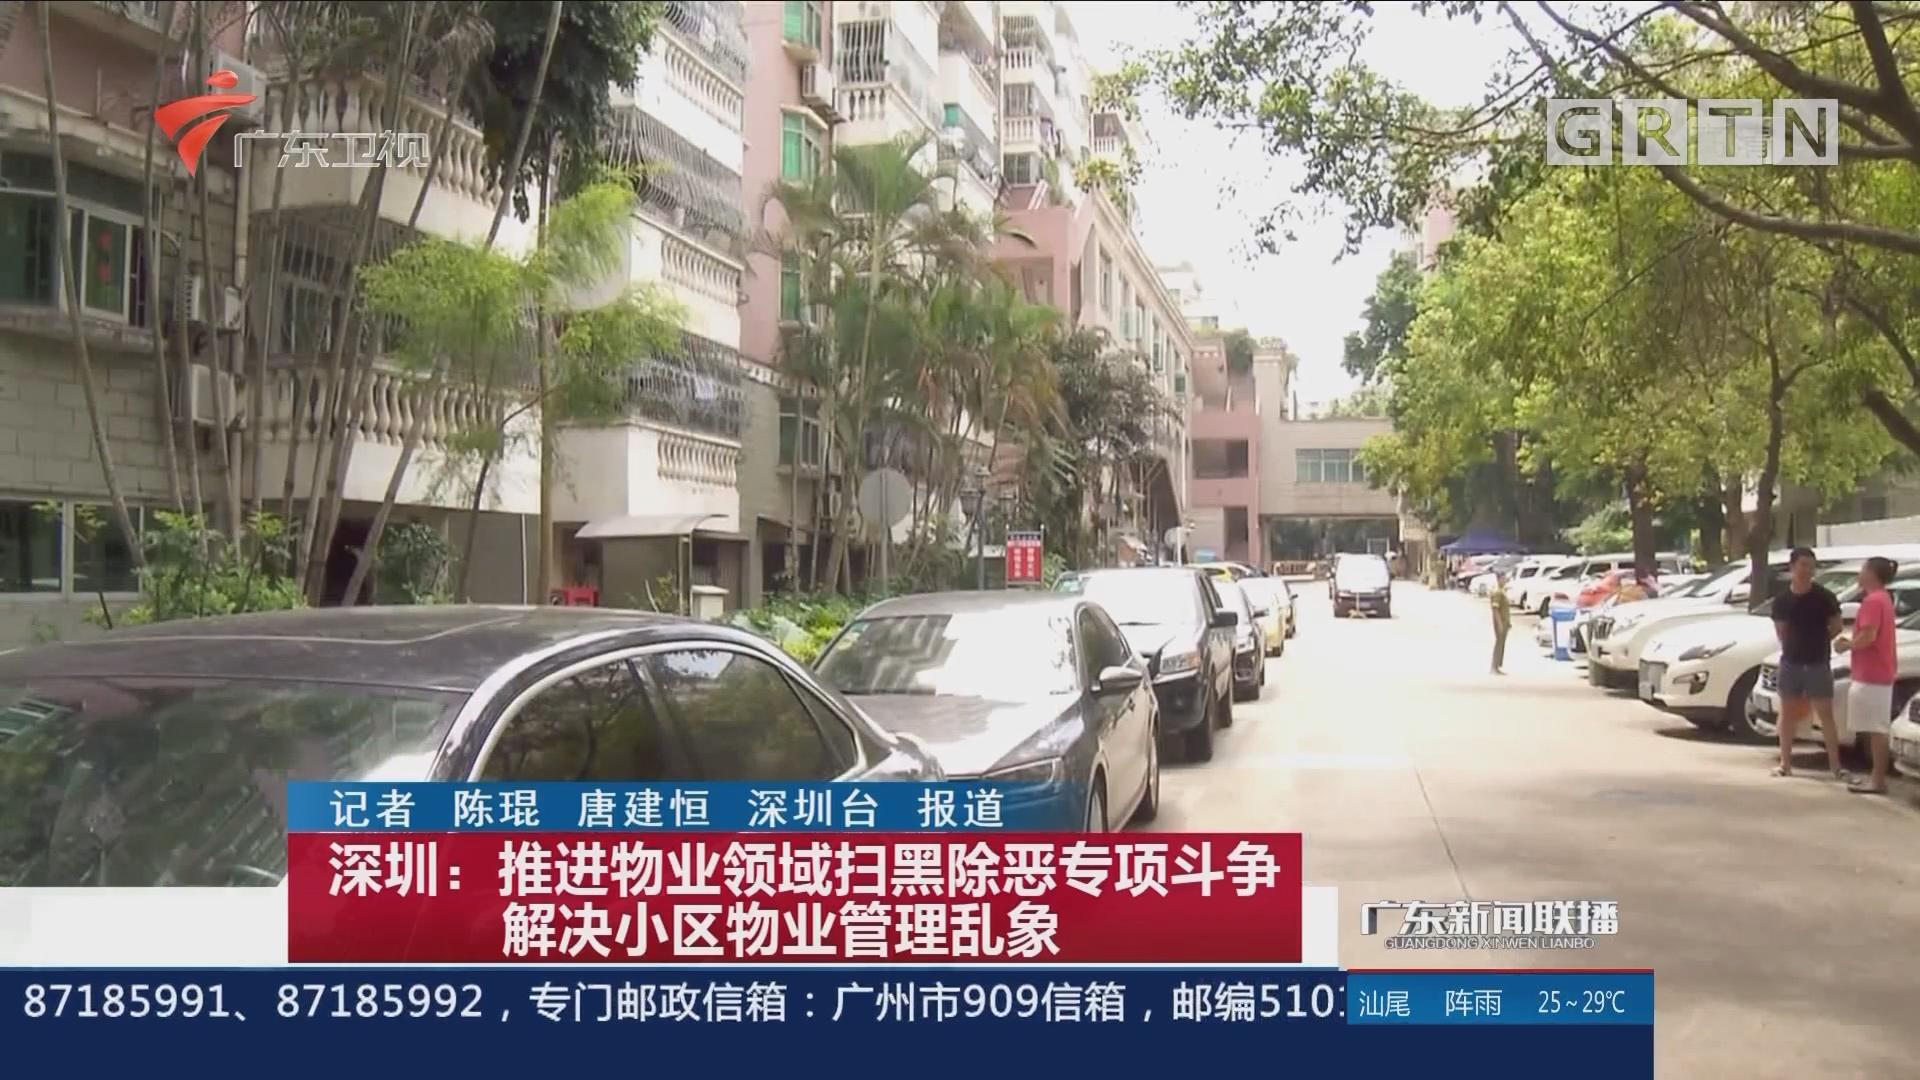 深圳:推进物业领域扫黑除恶专项斗争 解决小区物业管理乱象